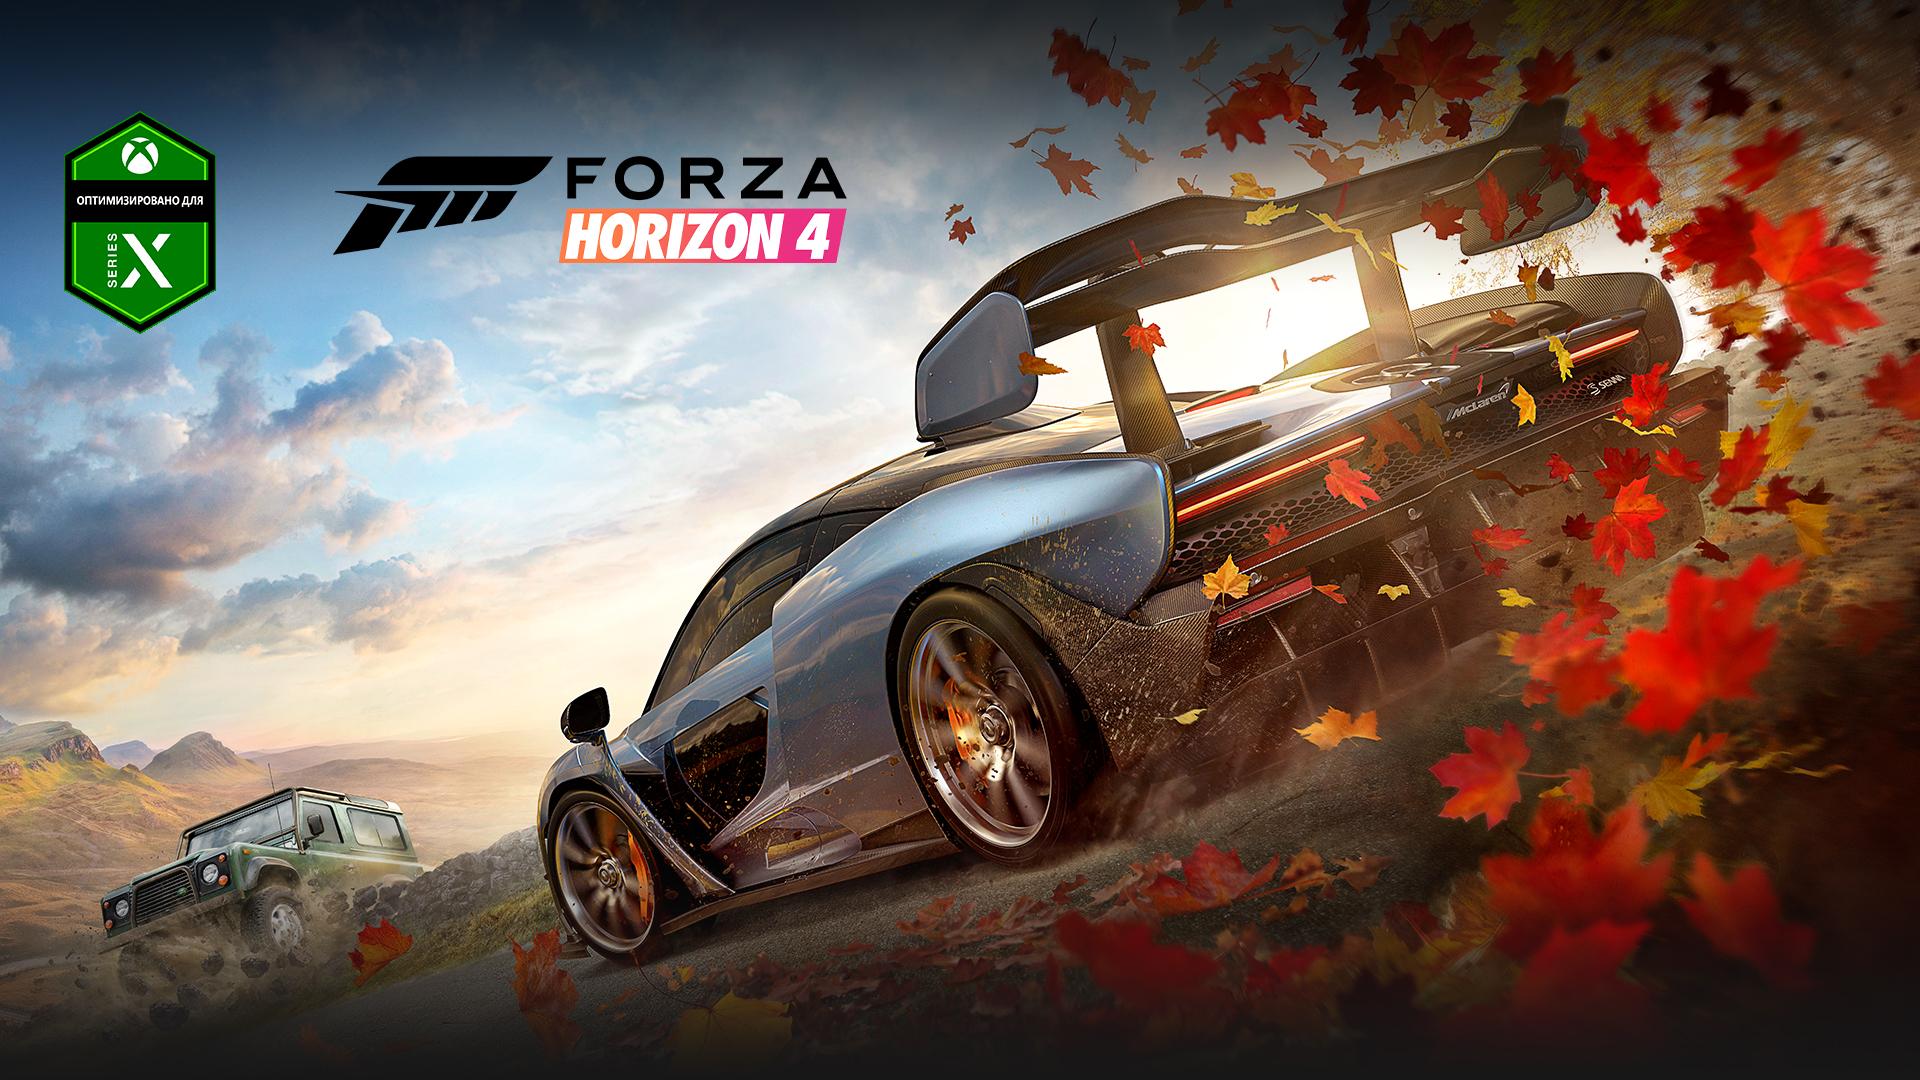 Оптимизировано для Xbox Series X, Forza Horizon 4, две машины с листьями позади одной из них